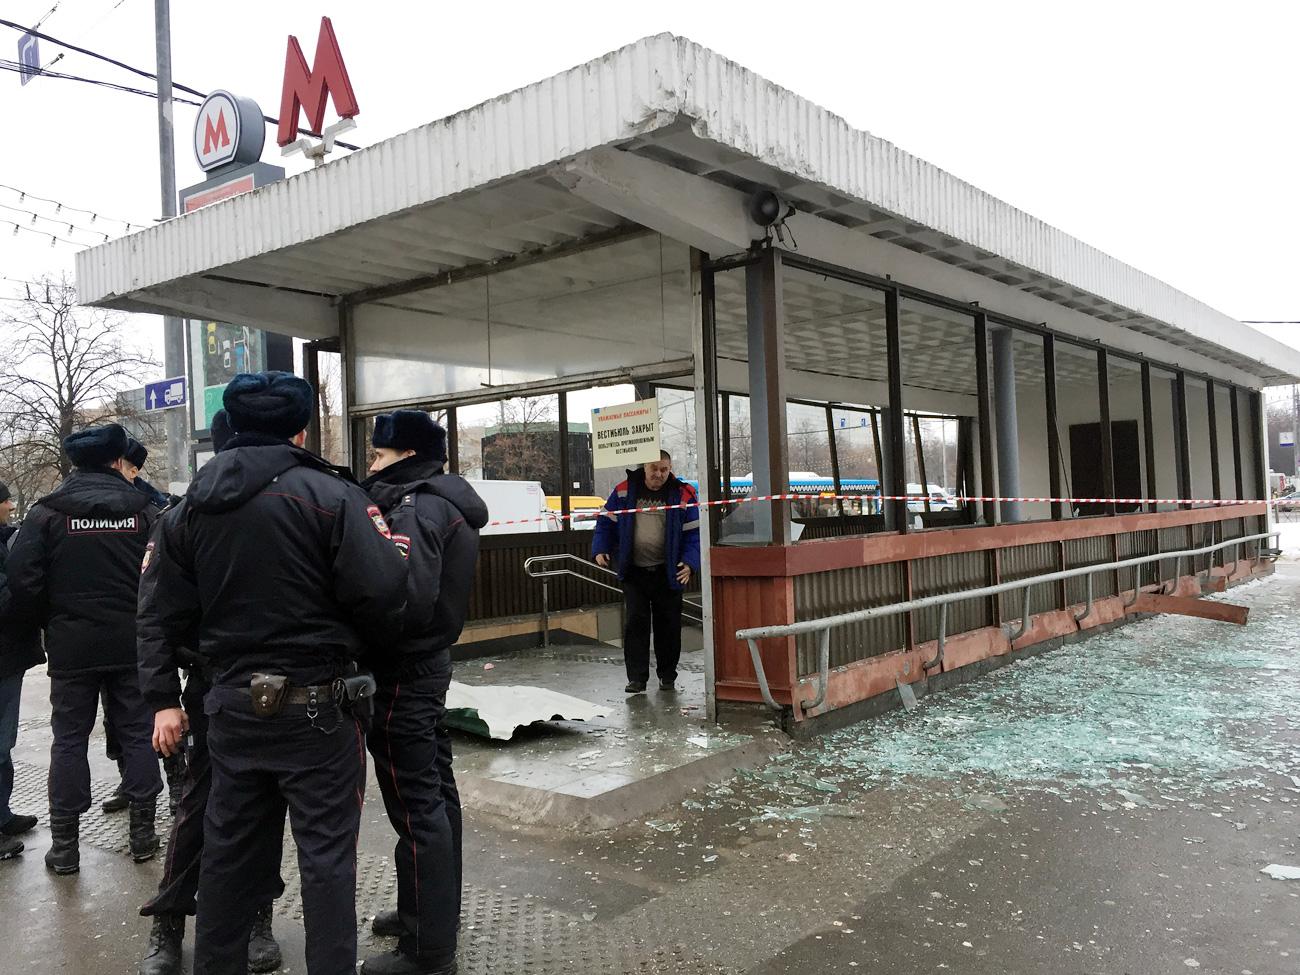 VIDEO: Ledakan di Stasiun Kereta Bawah Tanah Moskow Lukai Sepuluh Orang